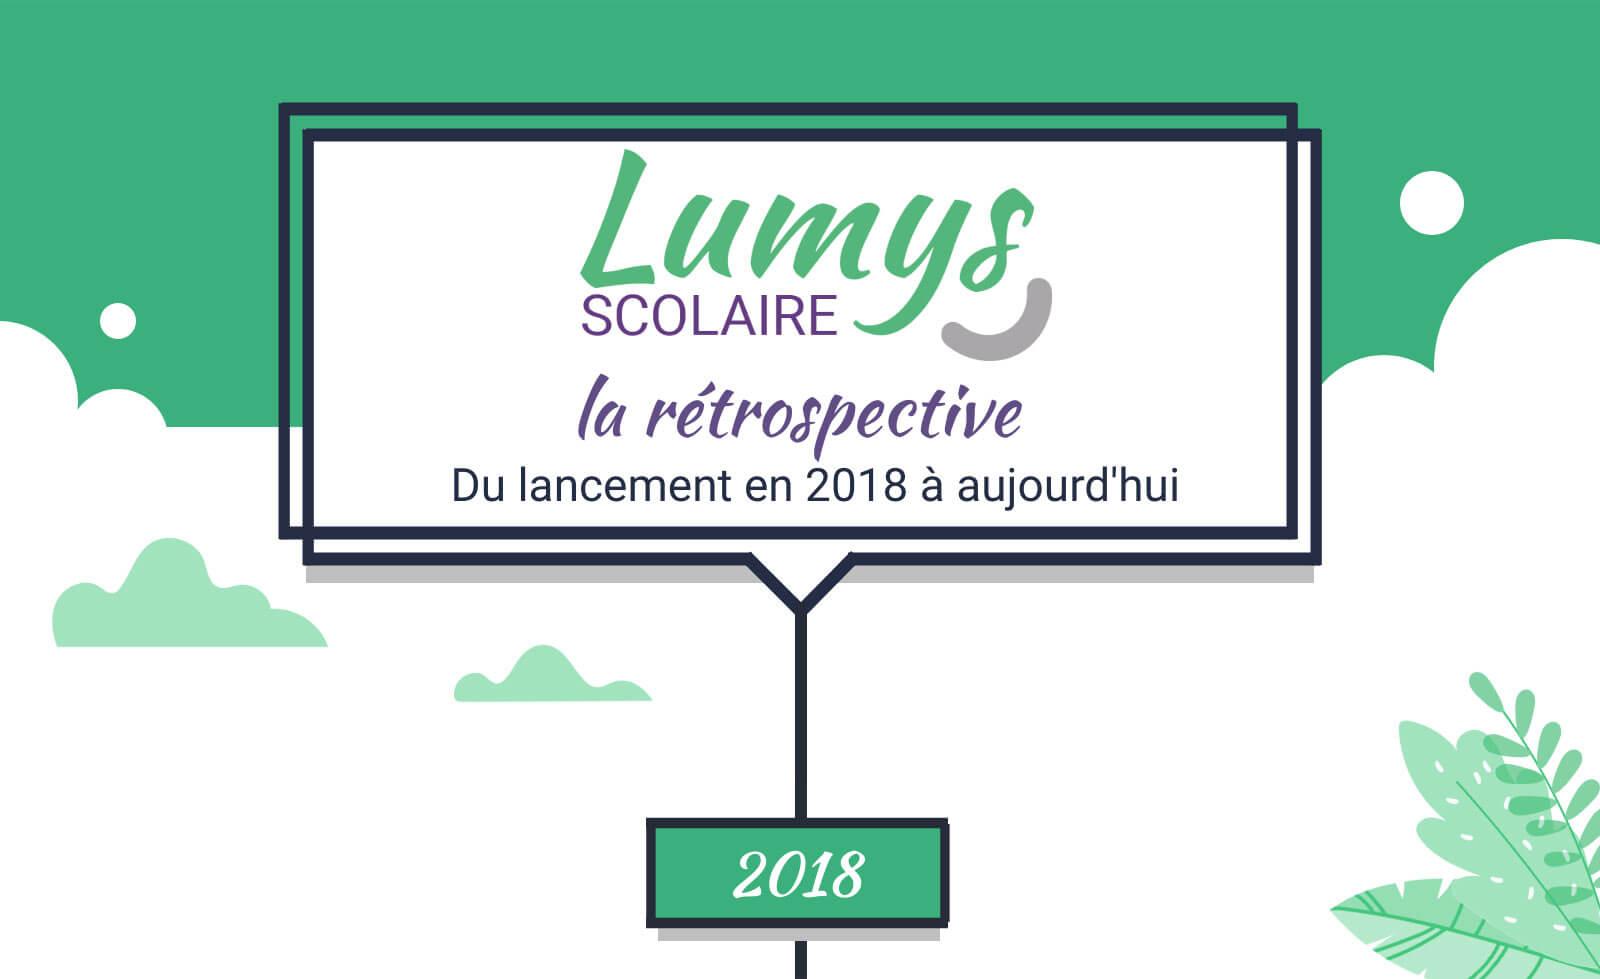 Lumys Scolaire fait grandir la photo scolaire depuis 2018